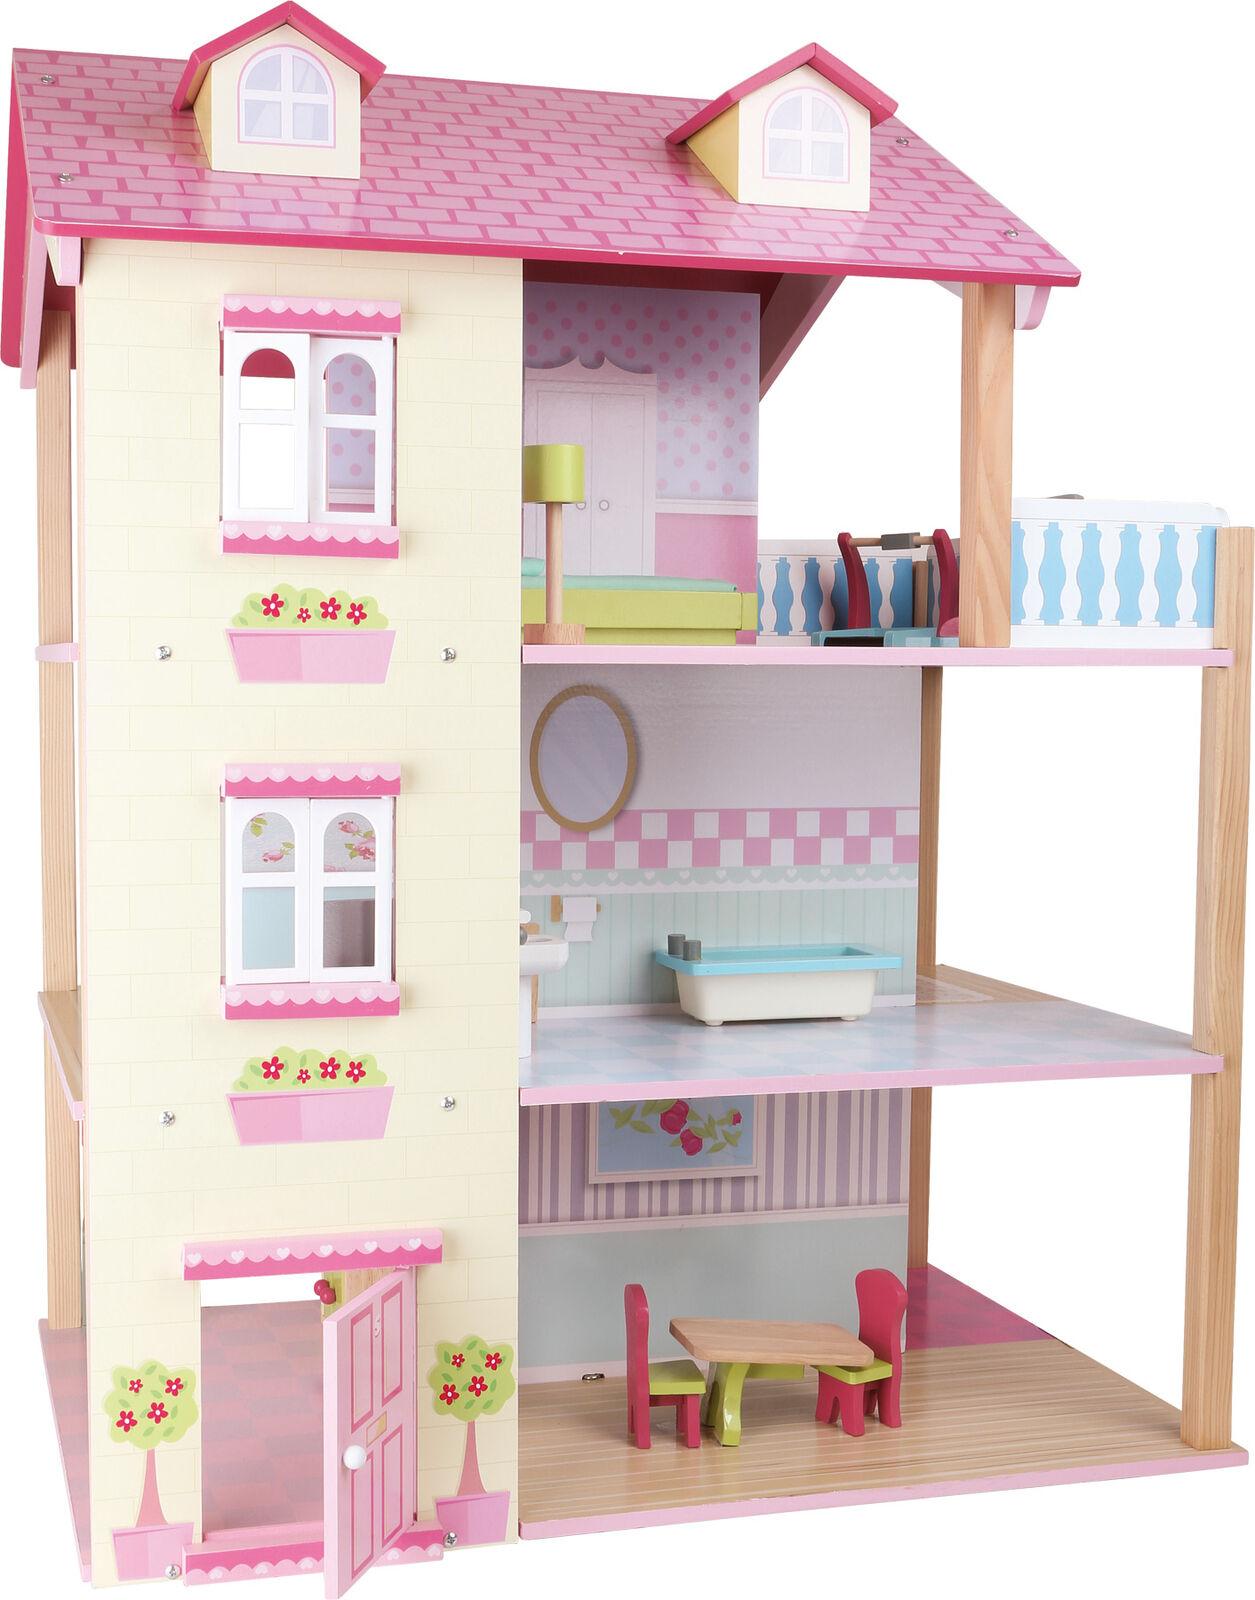 Puppenhaus Rosa Dach 3 Etagen drehbar aus Holz